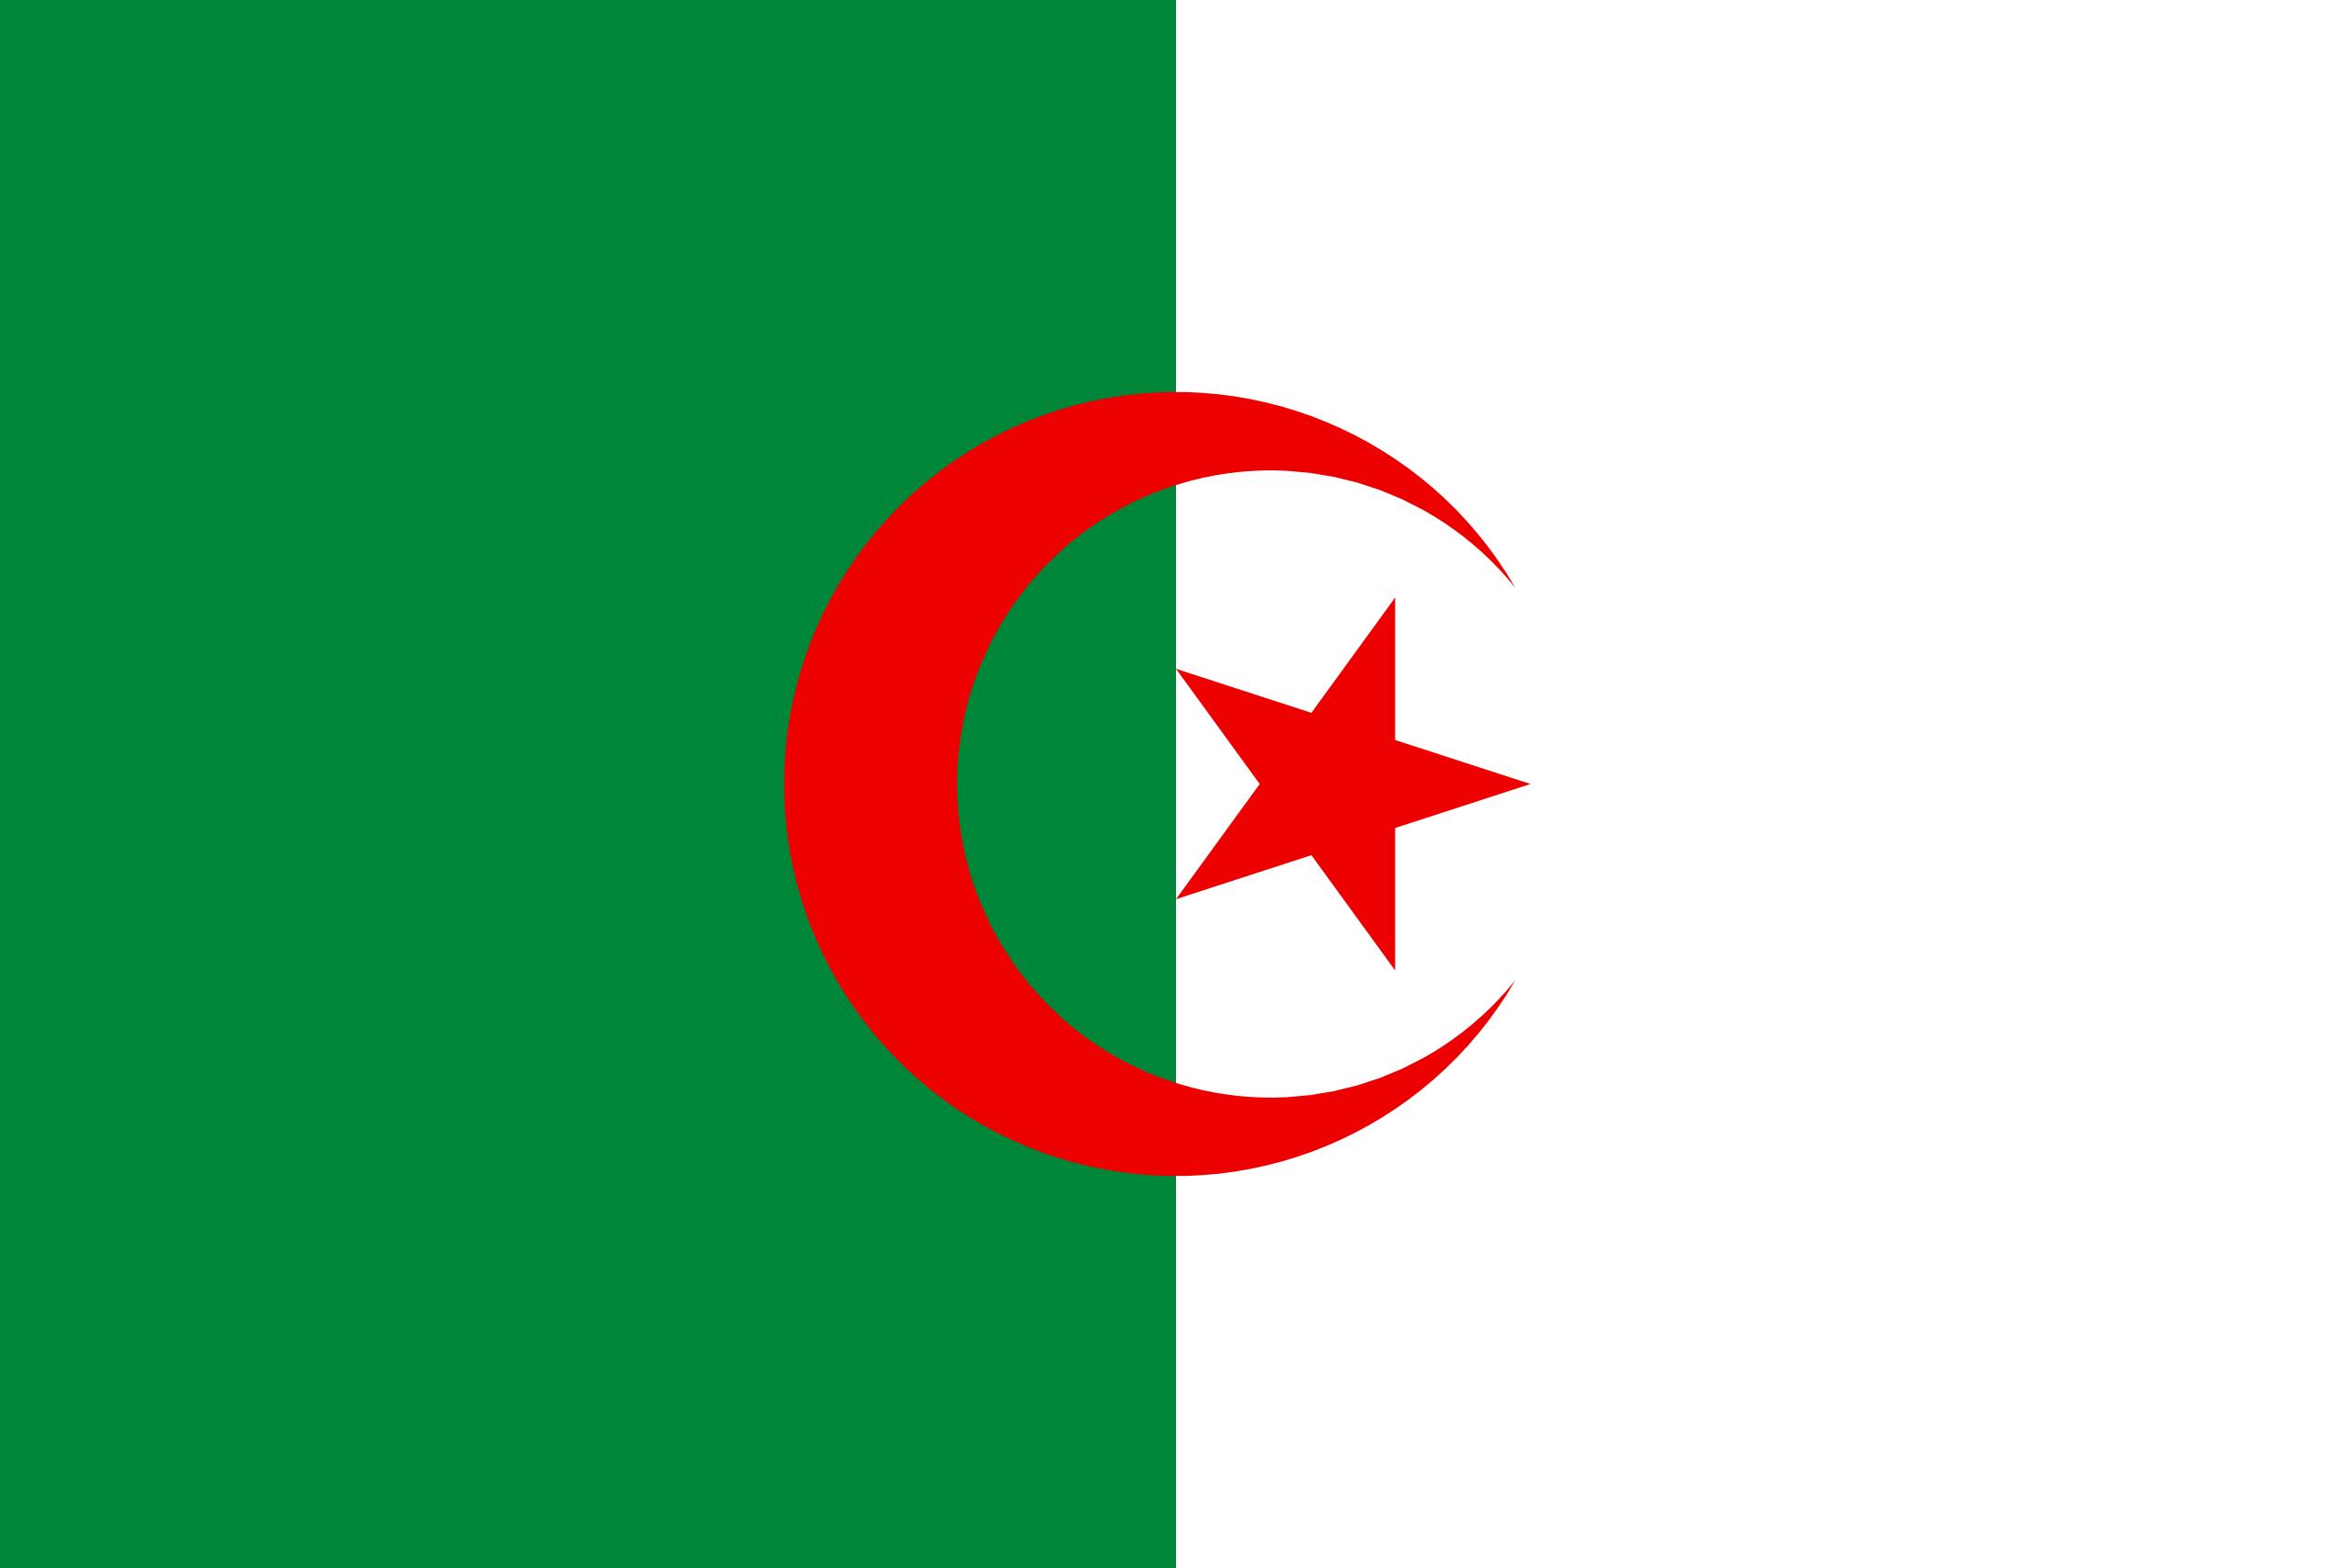 阿尔及利亚, 国家, 会徽, 徽标, 符号 - 高清壁纸 - 教授-falken.com